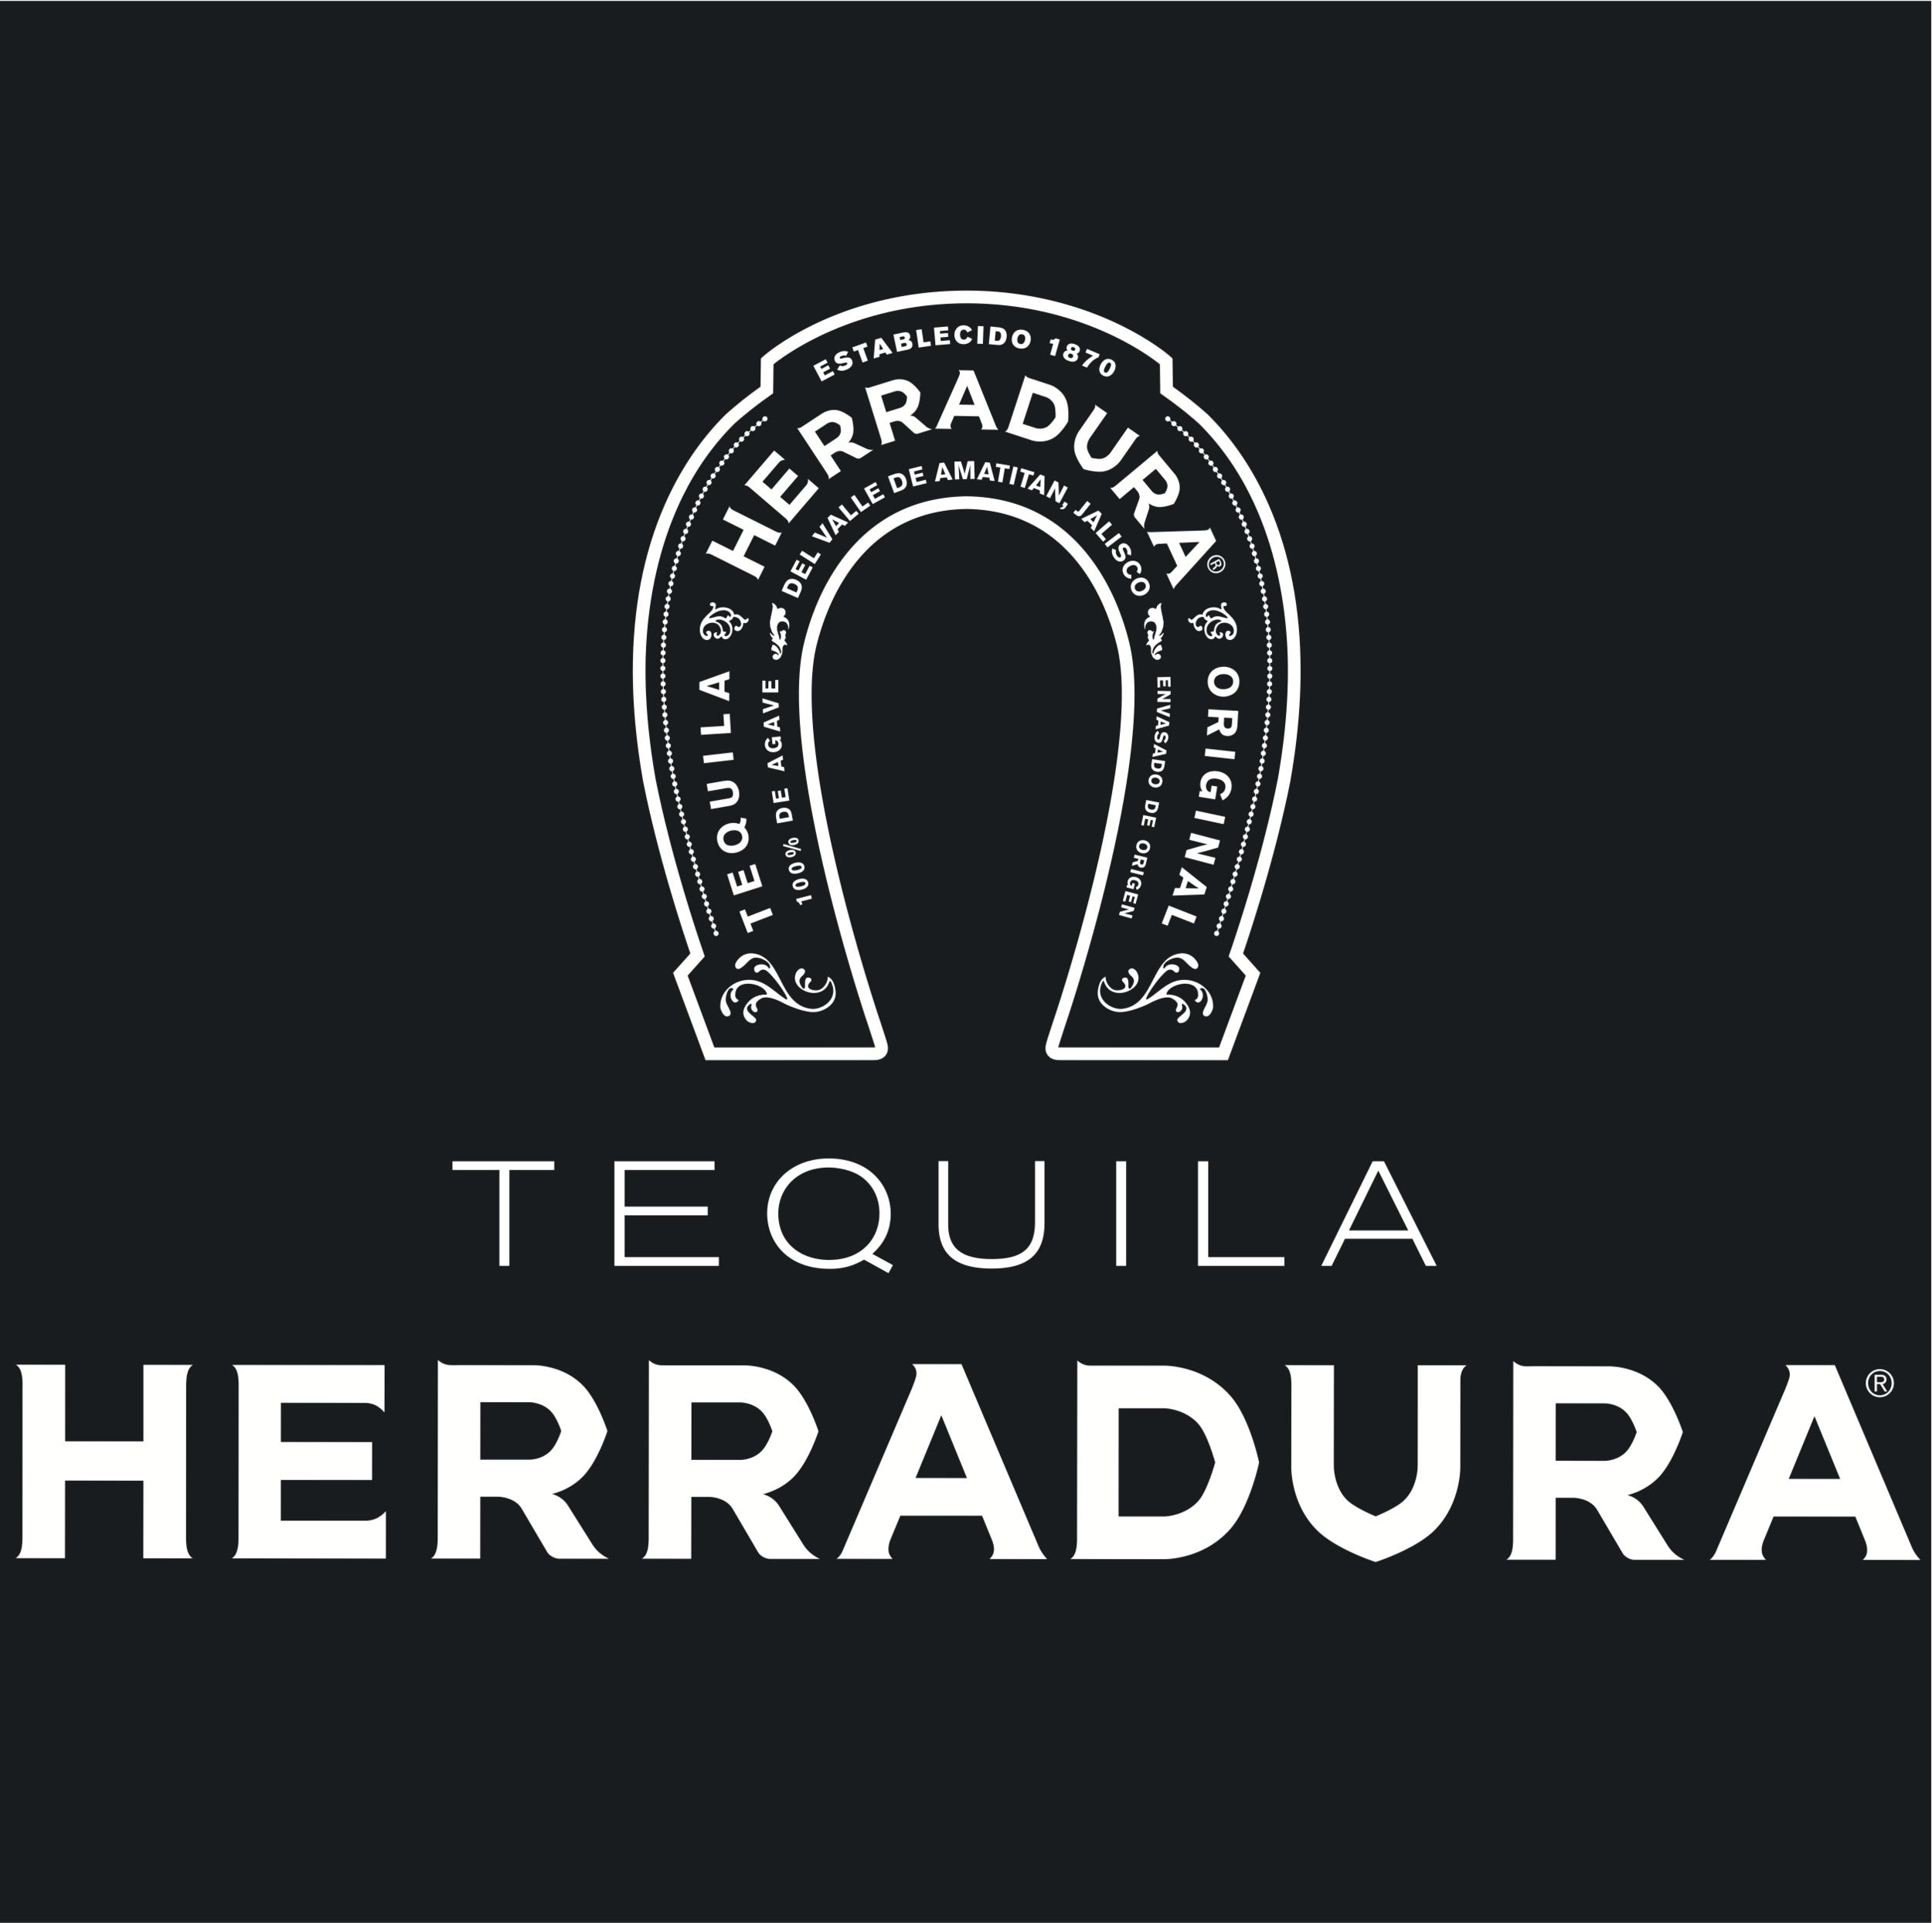 Copy of herradura.png